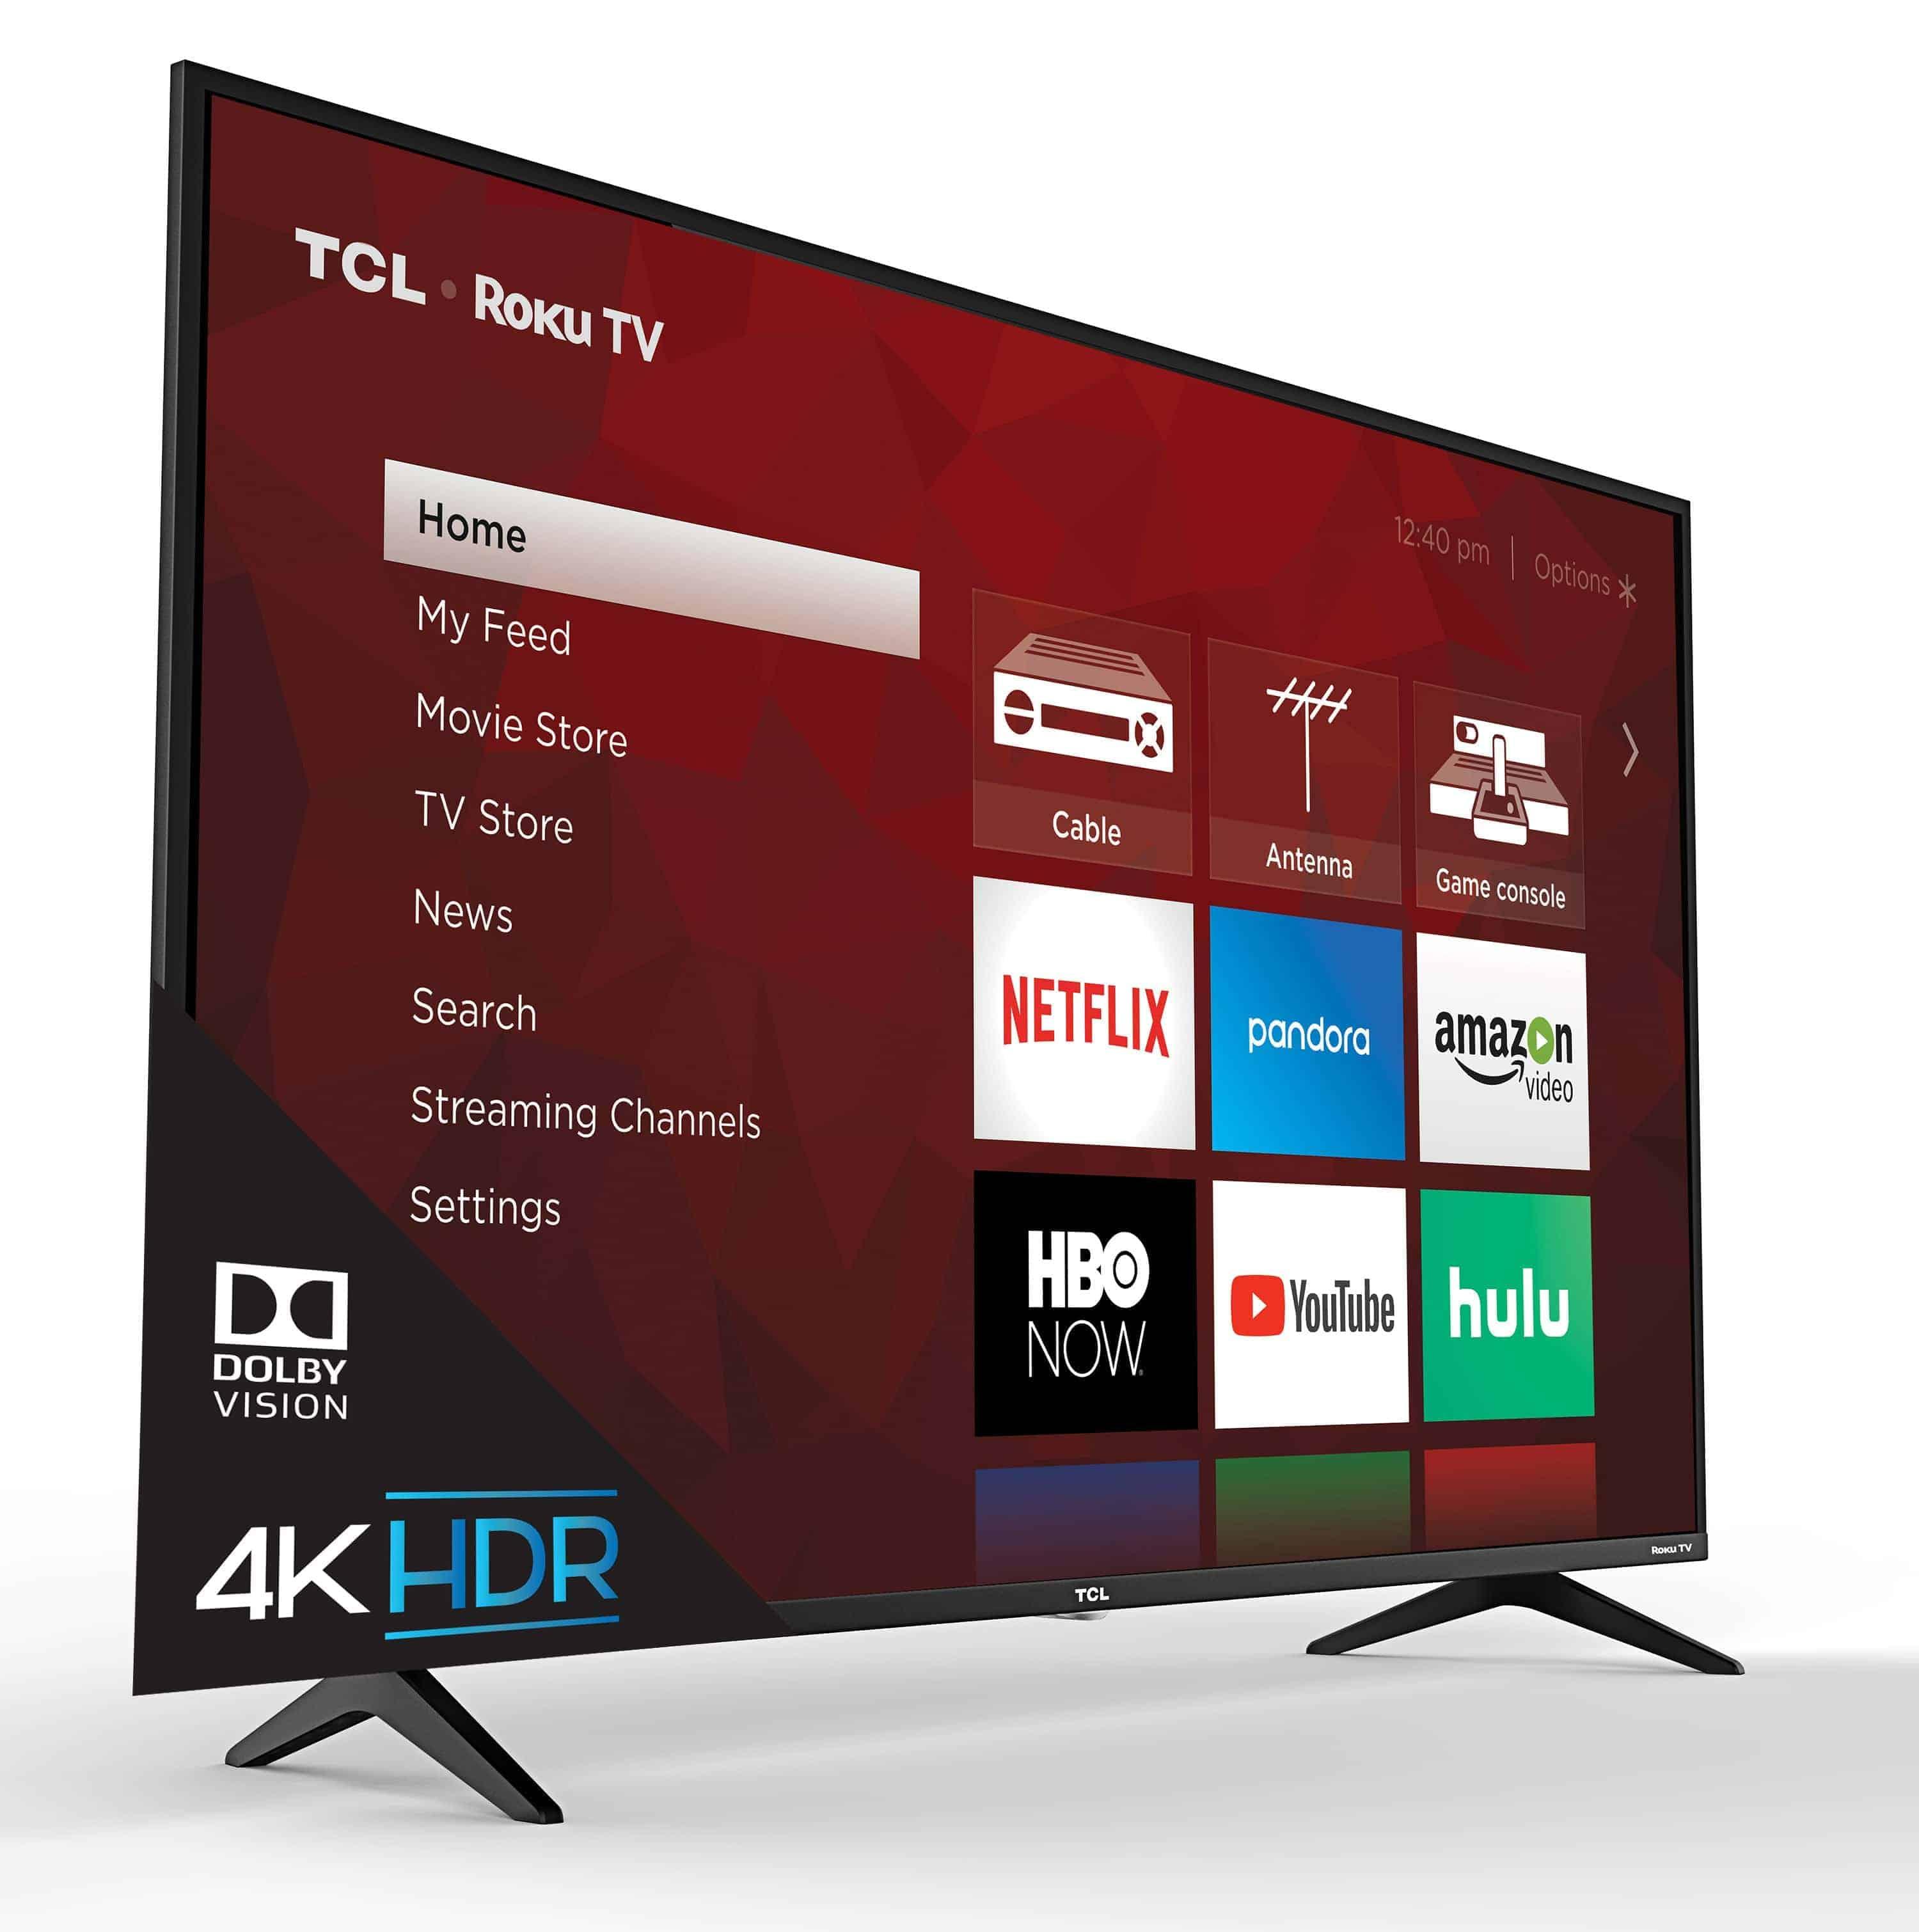 TCL 6 series TV UI angle 2